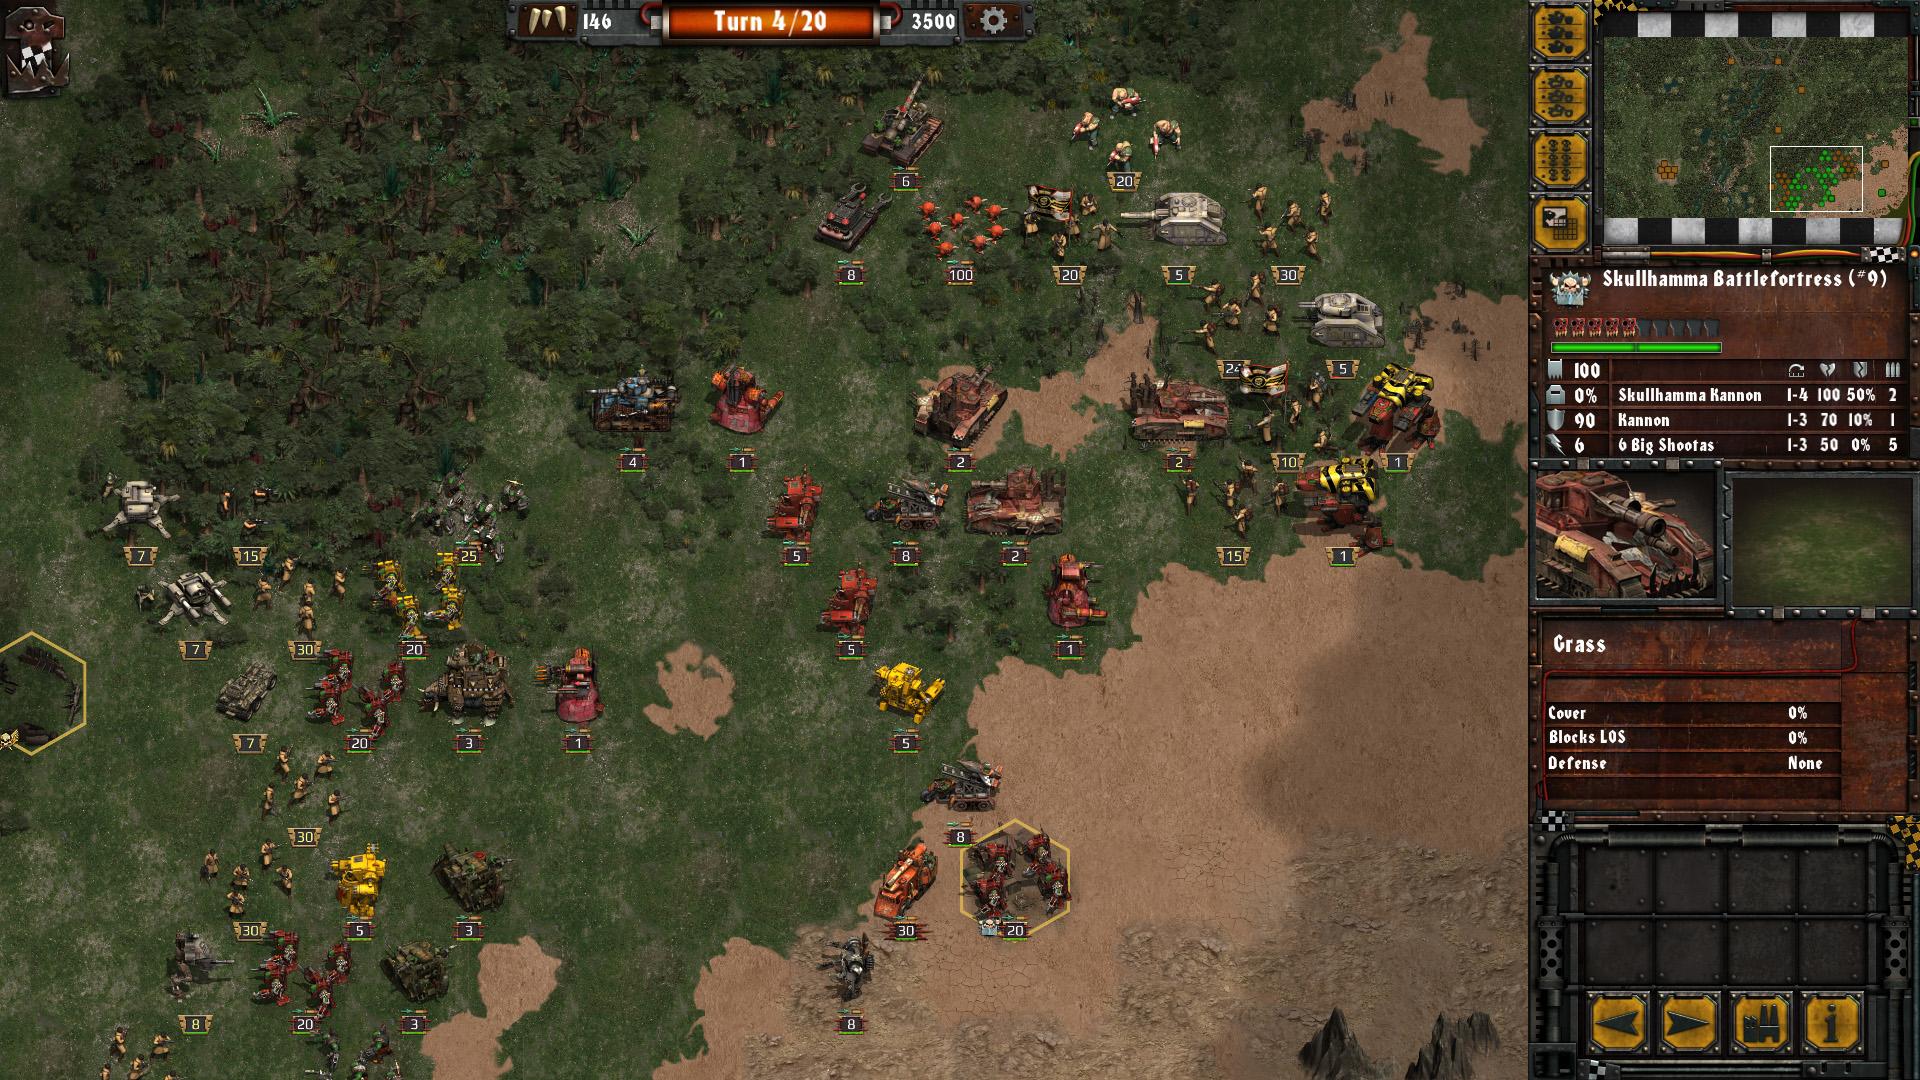 Warhammer 40,000: Armageddon - Da Orks Screenshot 3